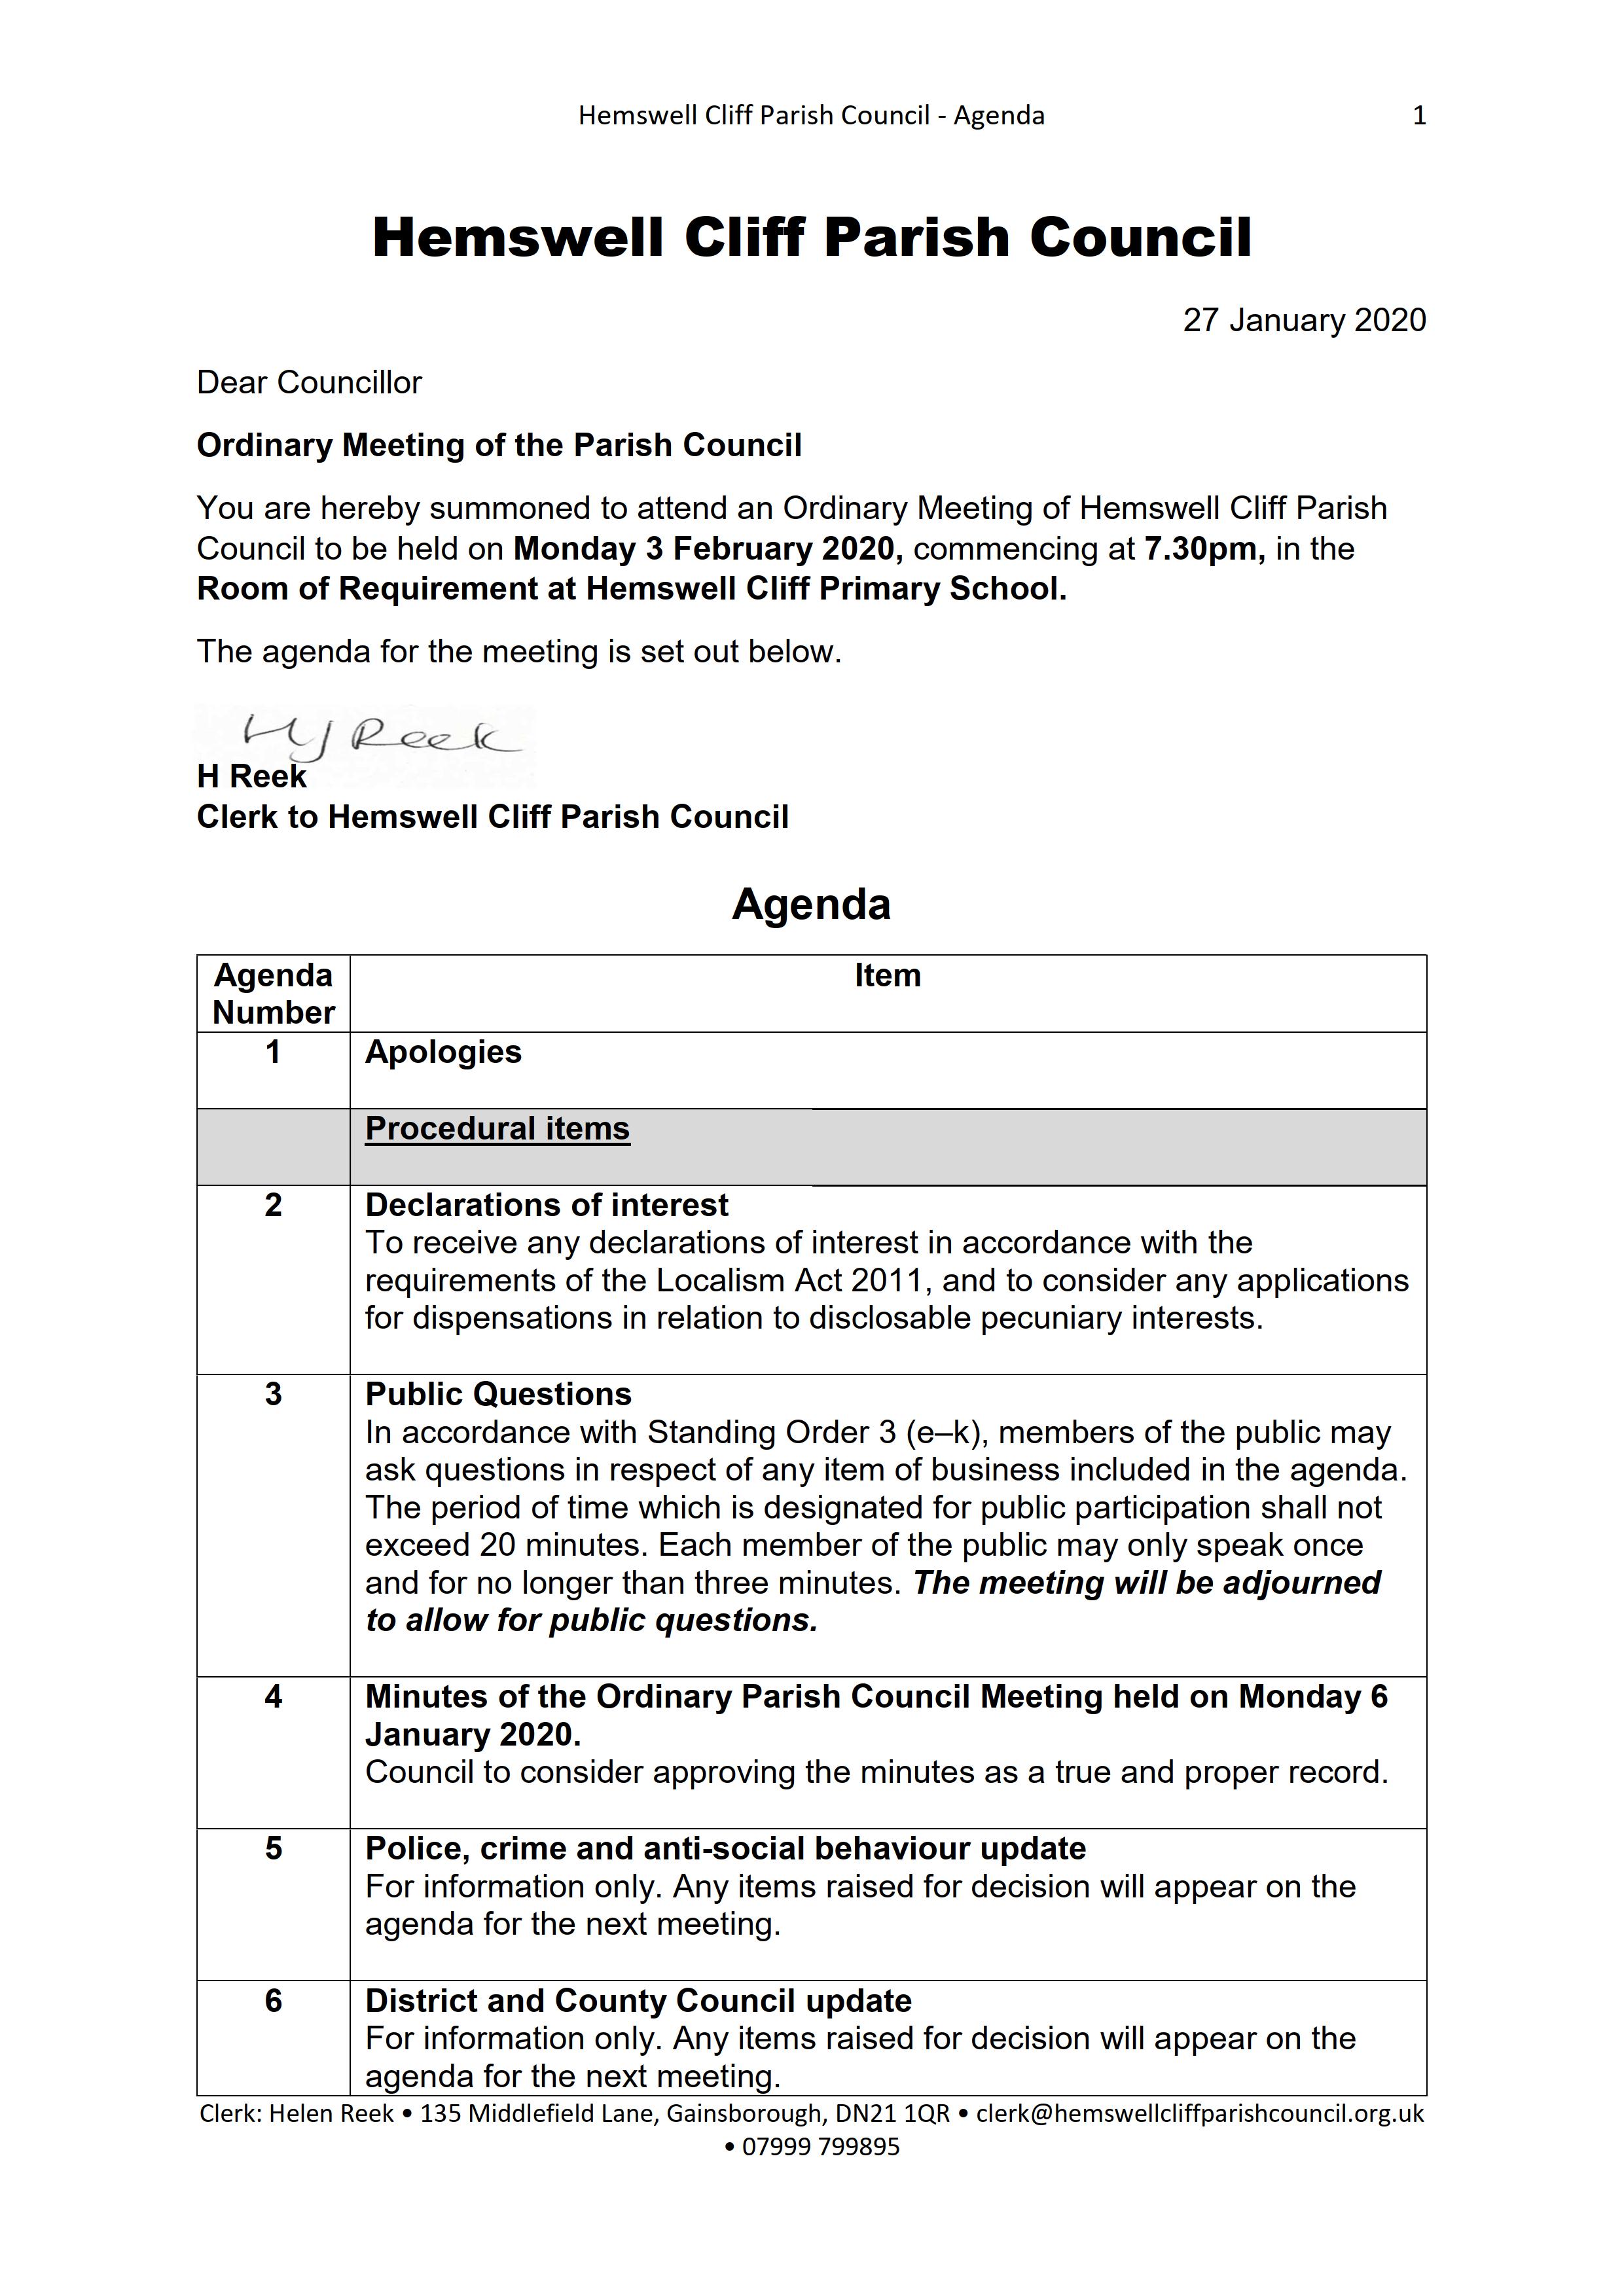 HCPC_Agenda_03.02.20_1.png